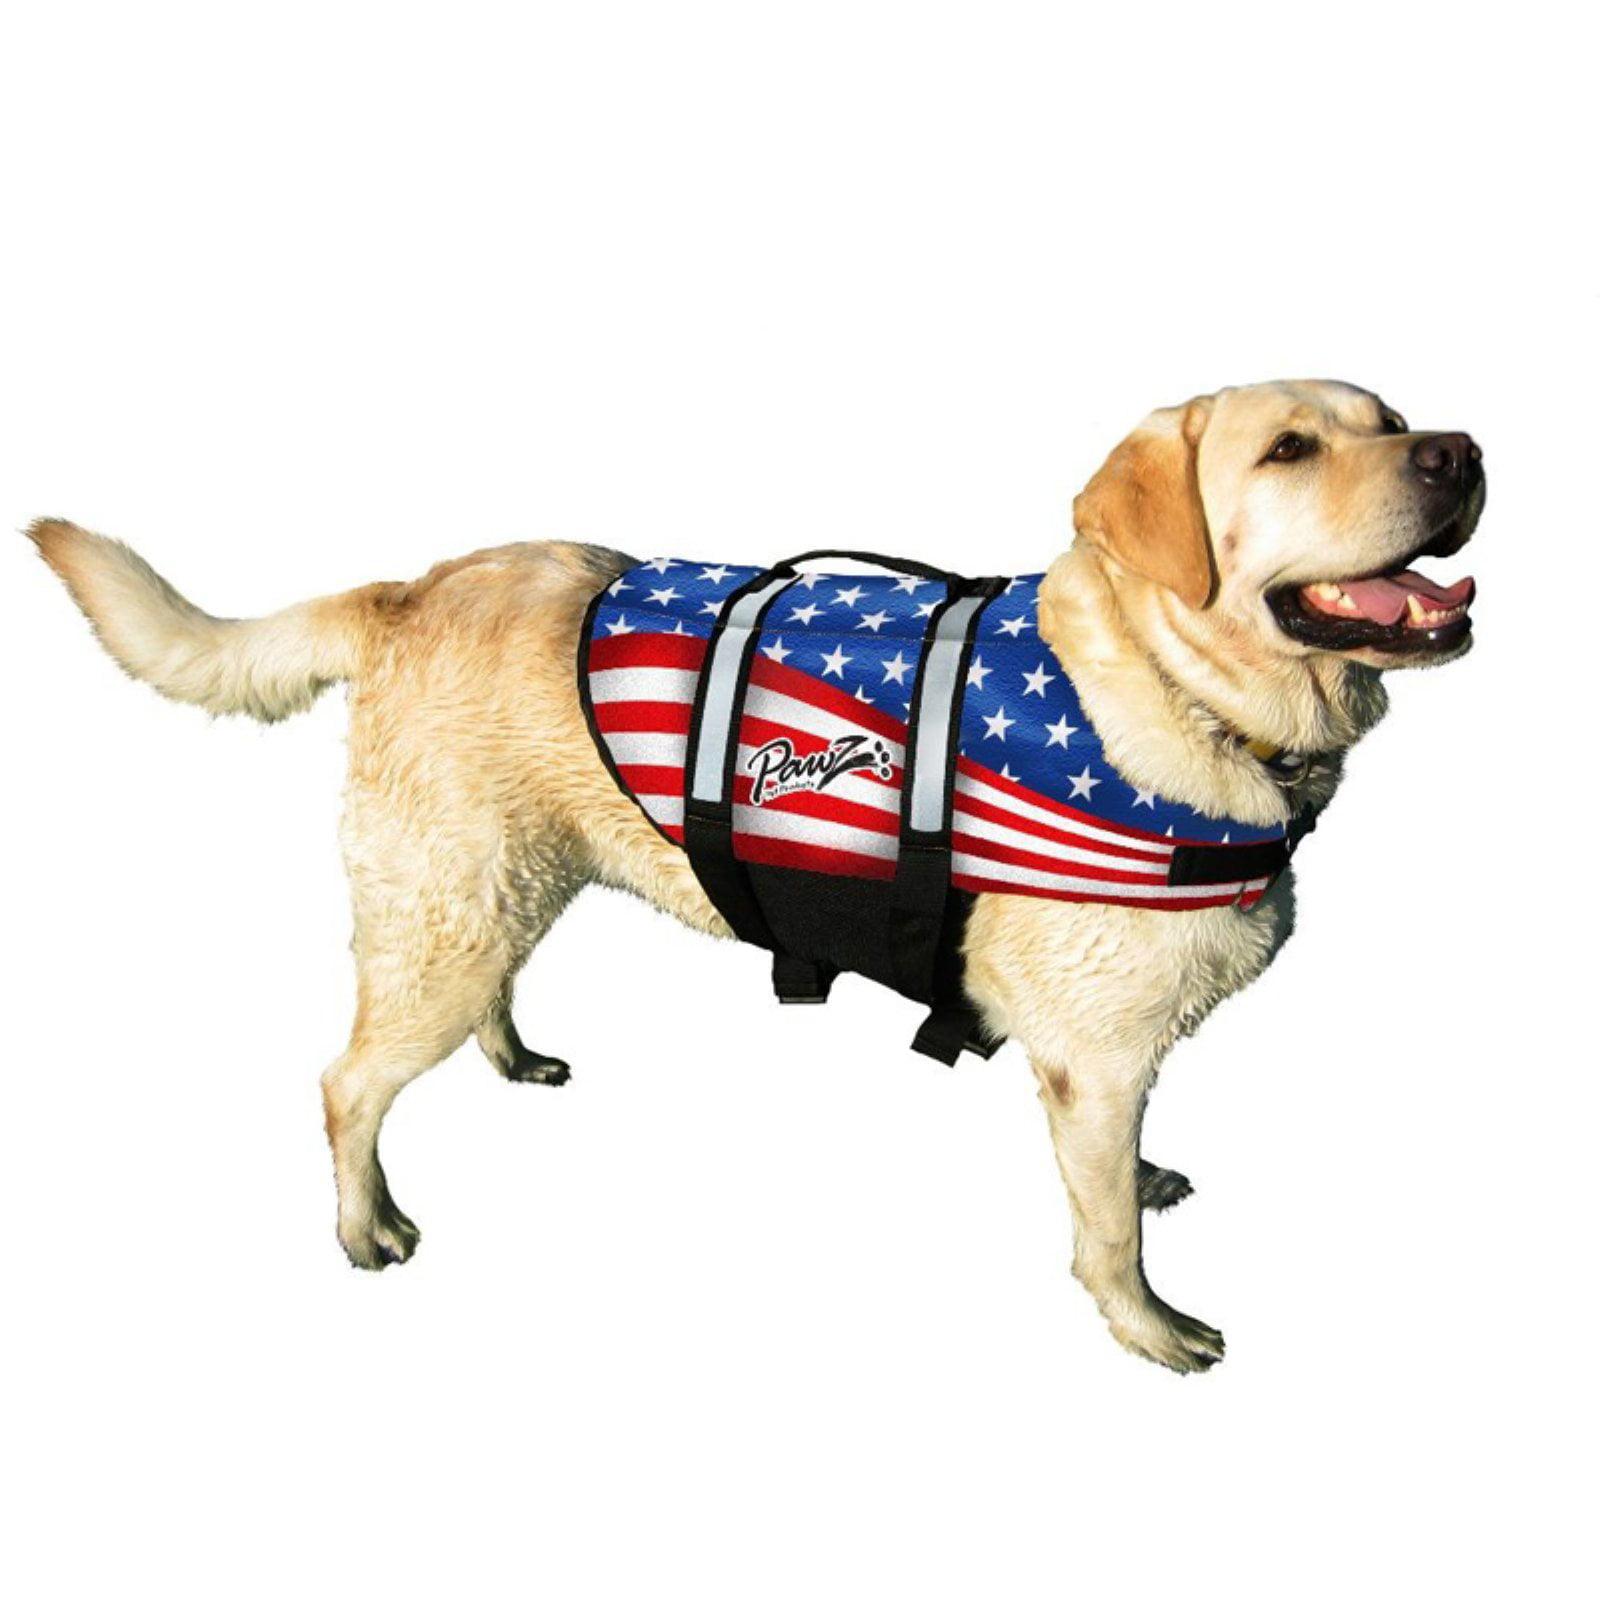 Pawz Pet Products Nylon Dog Life Jacket, Extra Large, Flag